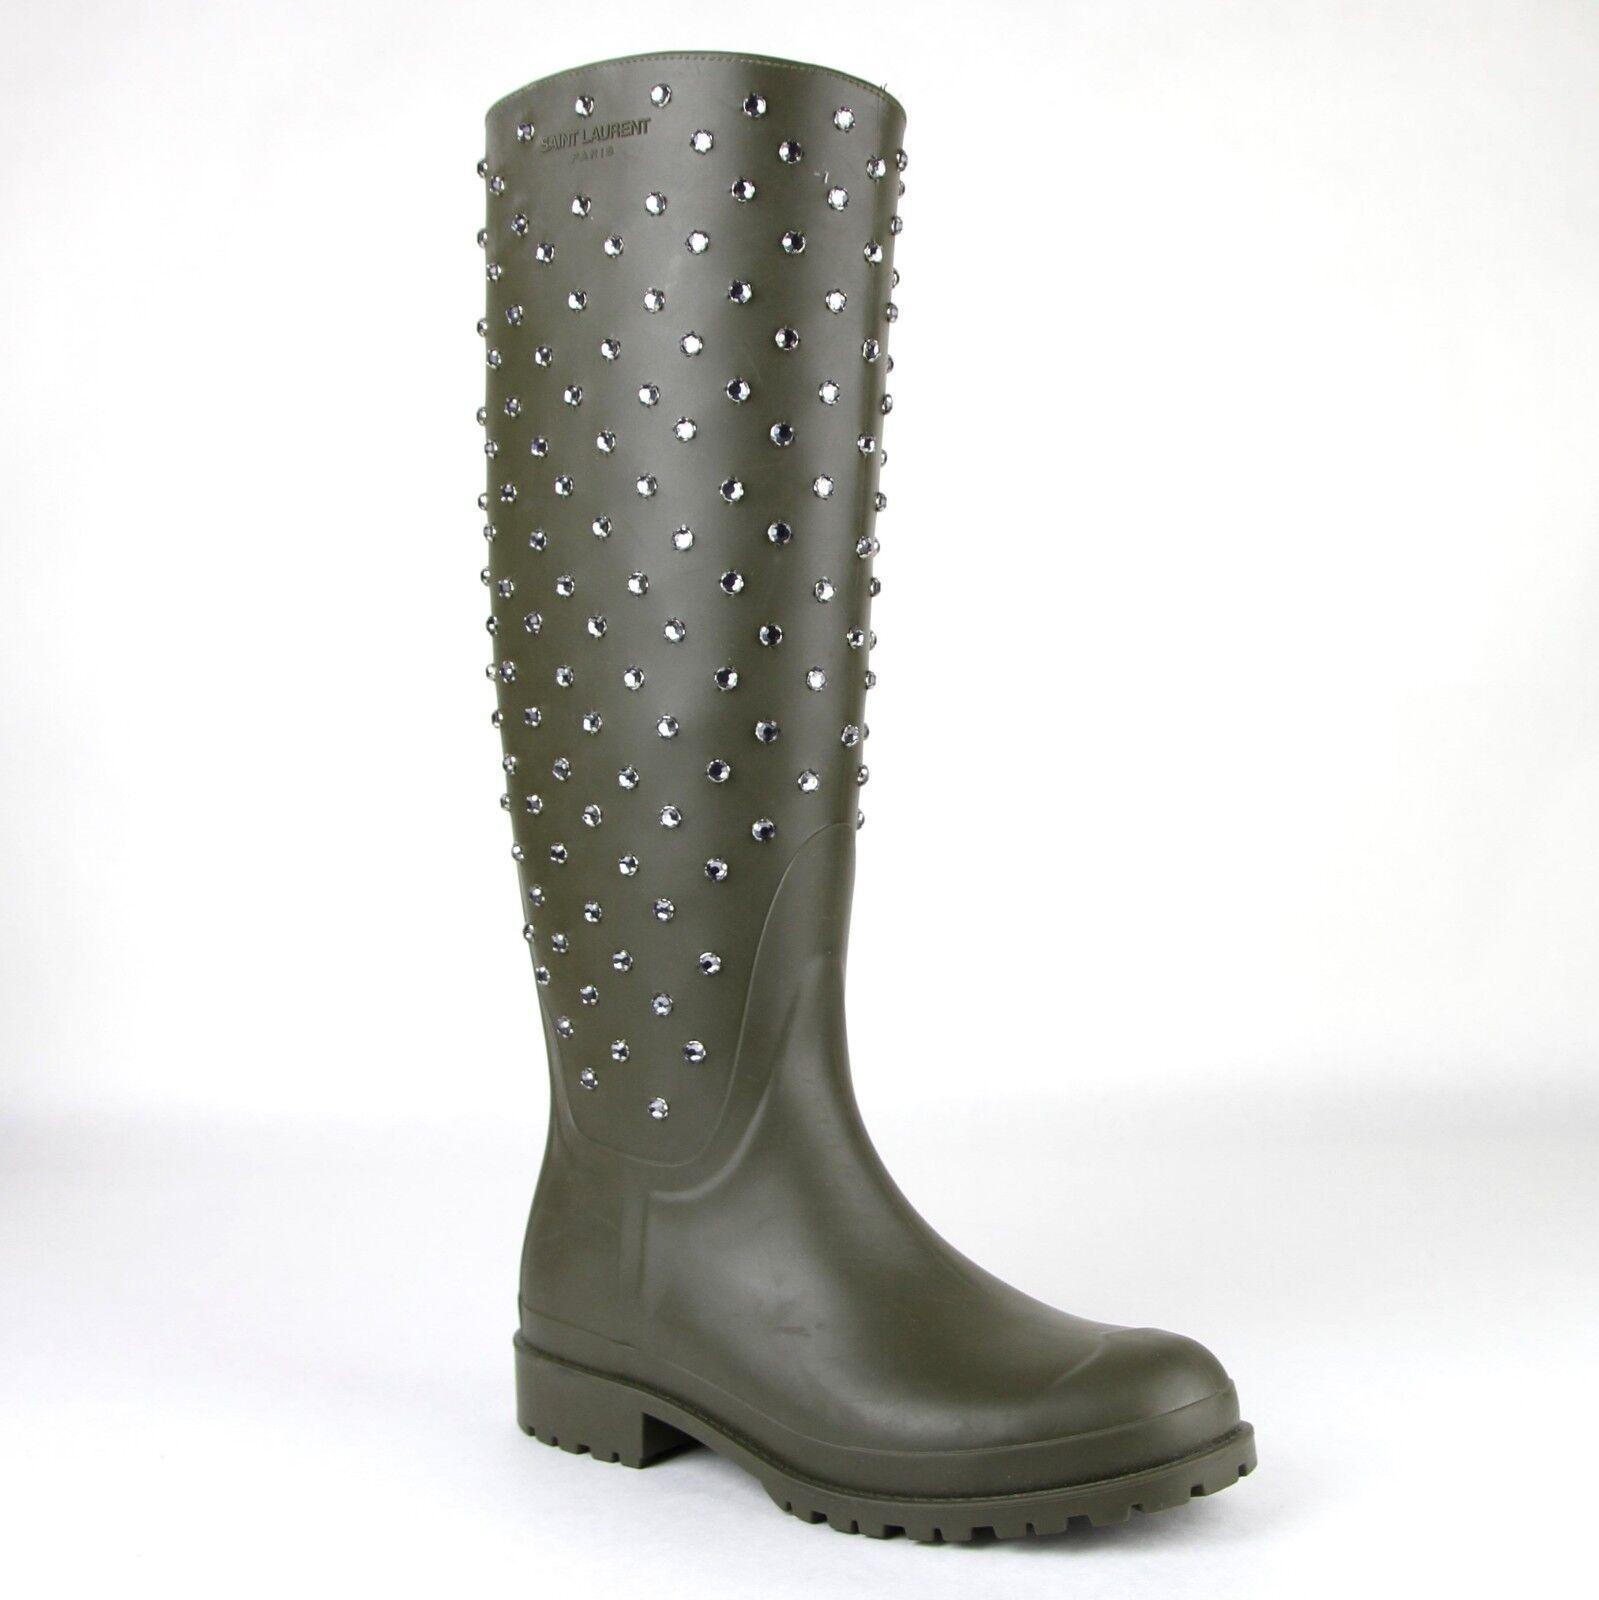 Saint Laurent Donna Olive verde Rubber Rain Boots w/diamond Studs 427307 2906